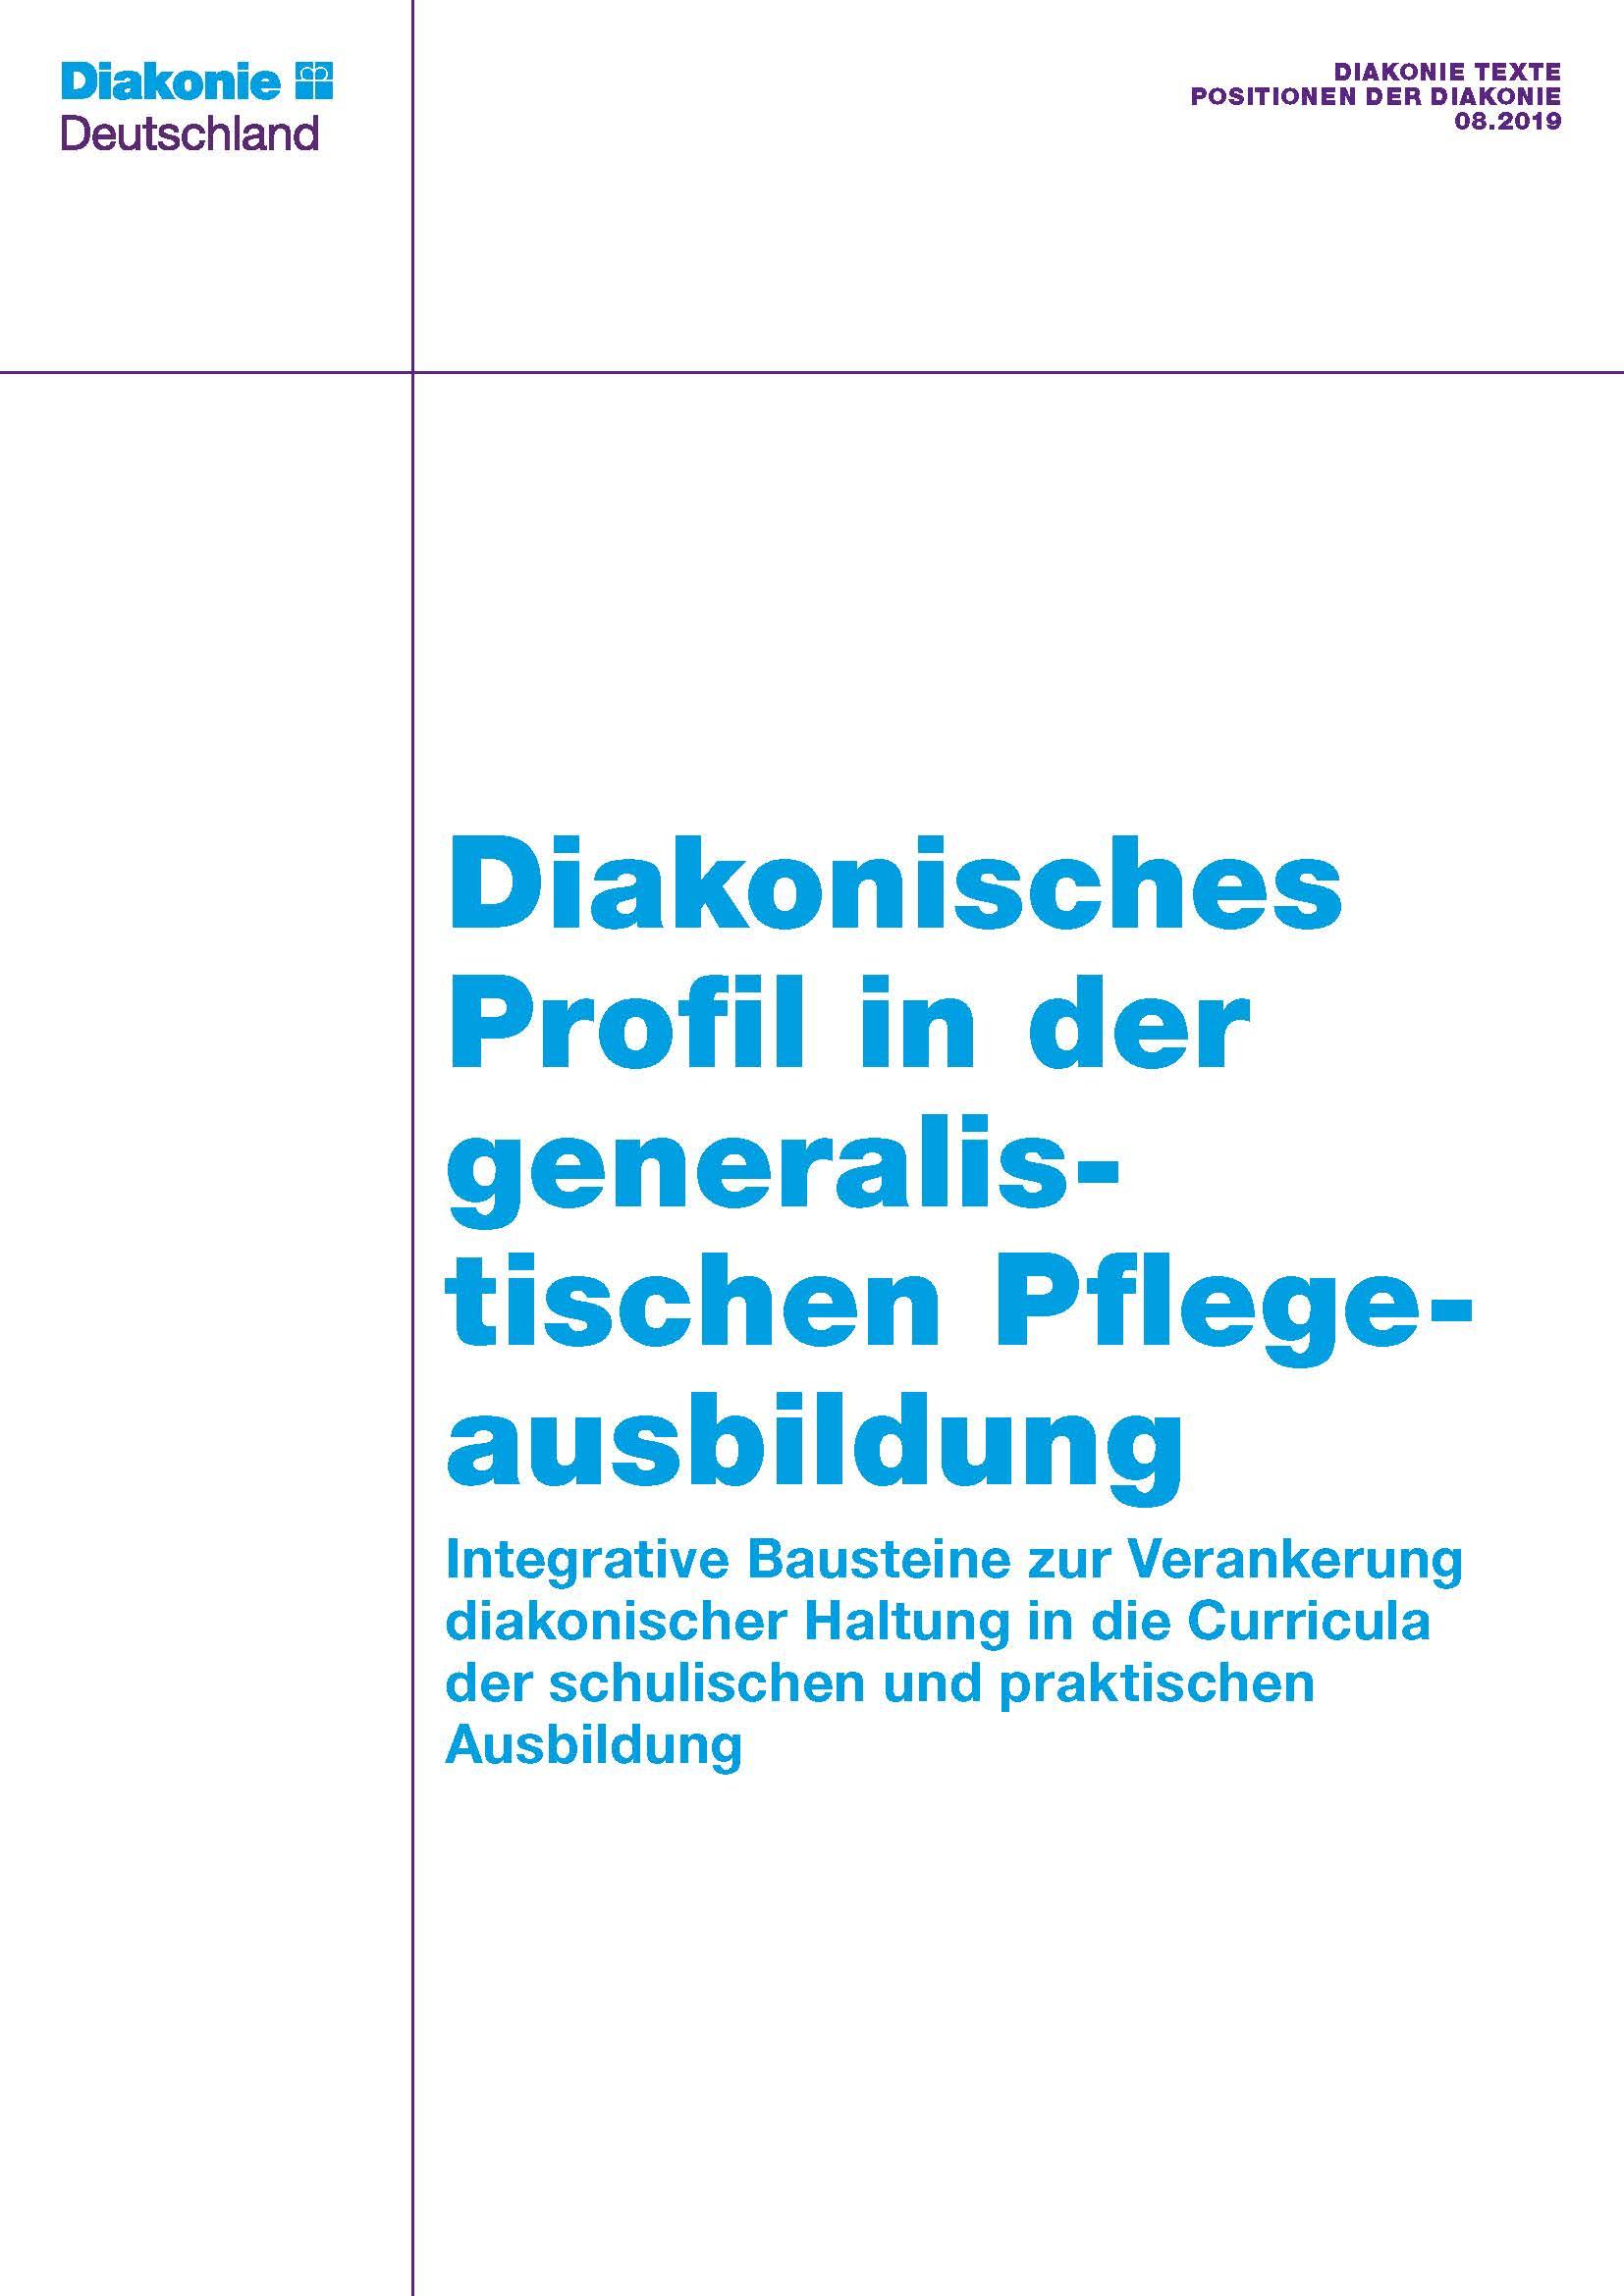 Diakonie Texte 08.2019: Diakonisches Profil in der generalistischen Pflegeausbildung